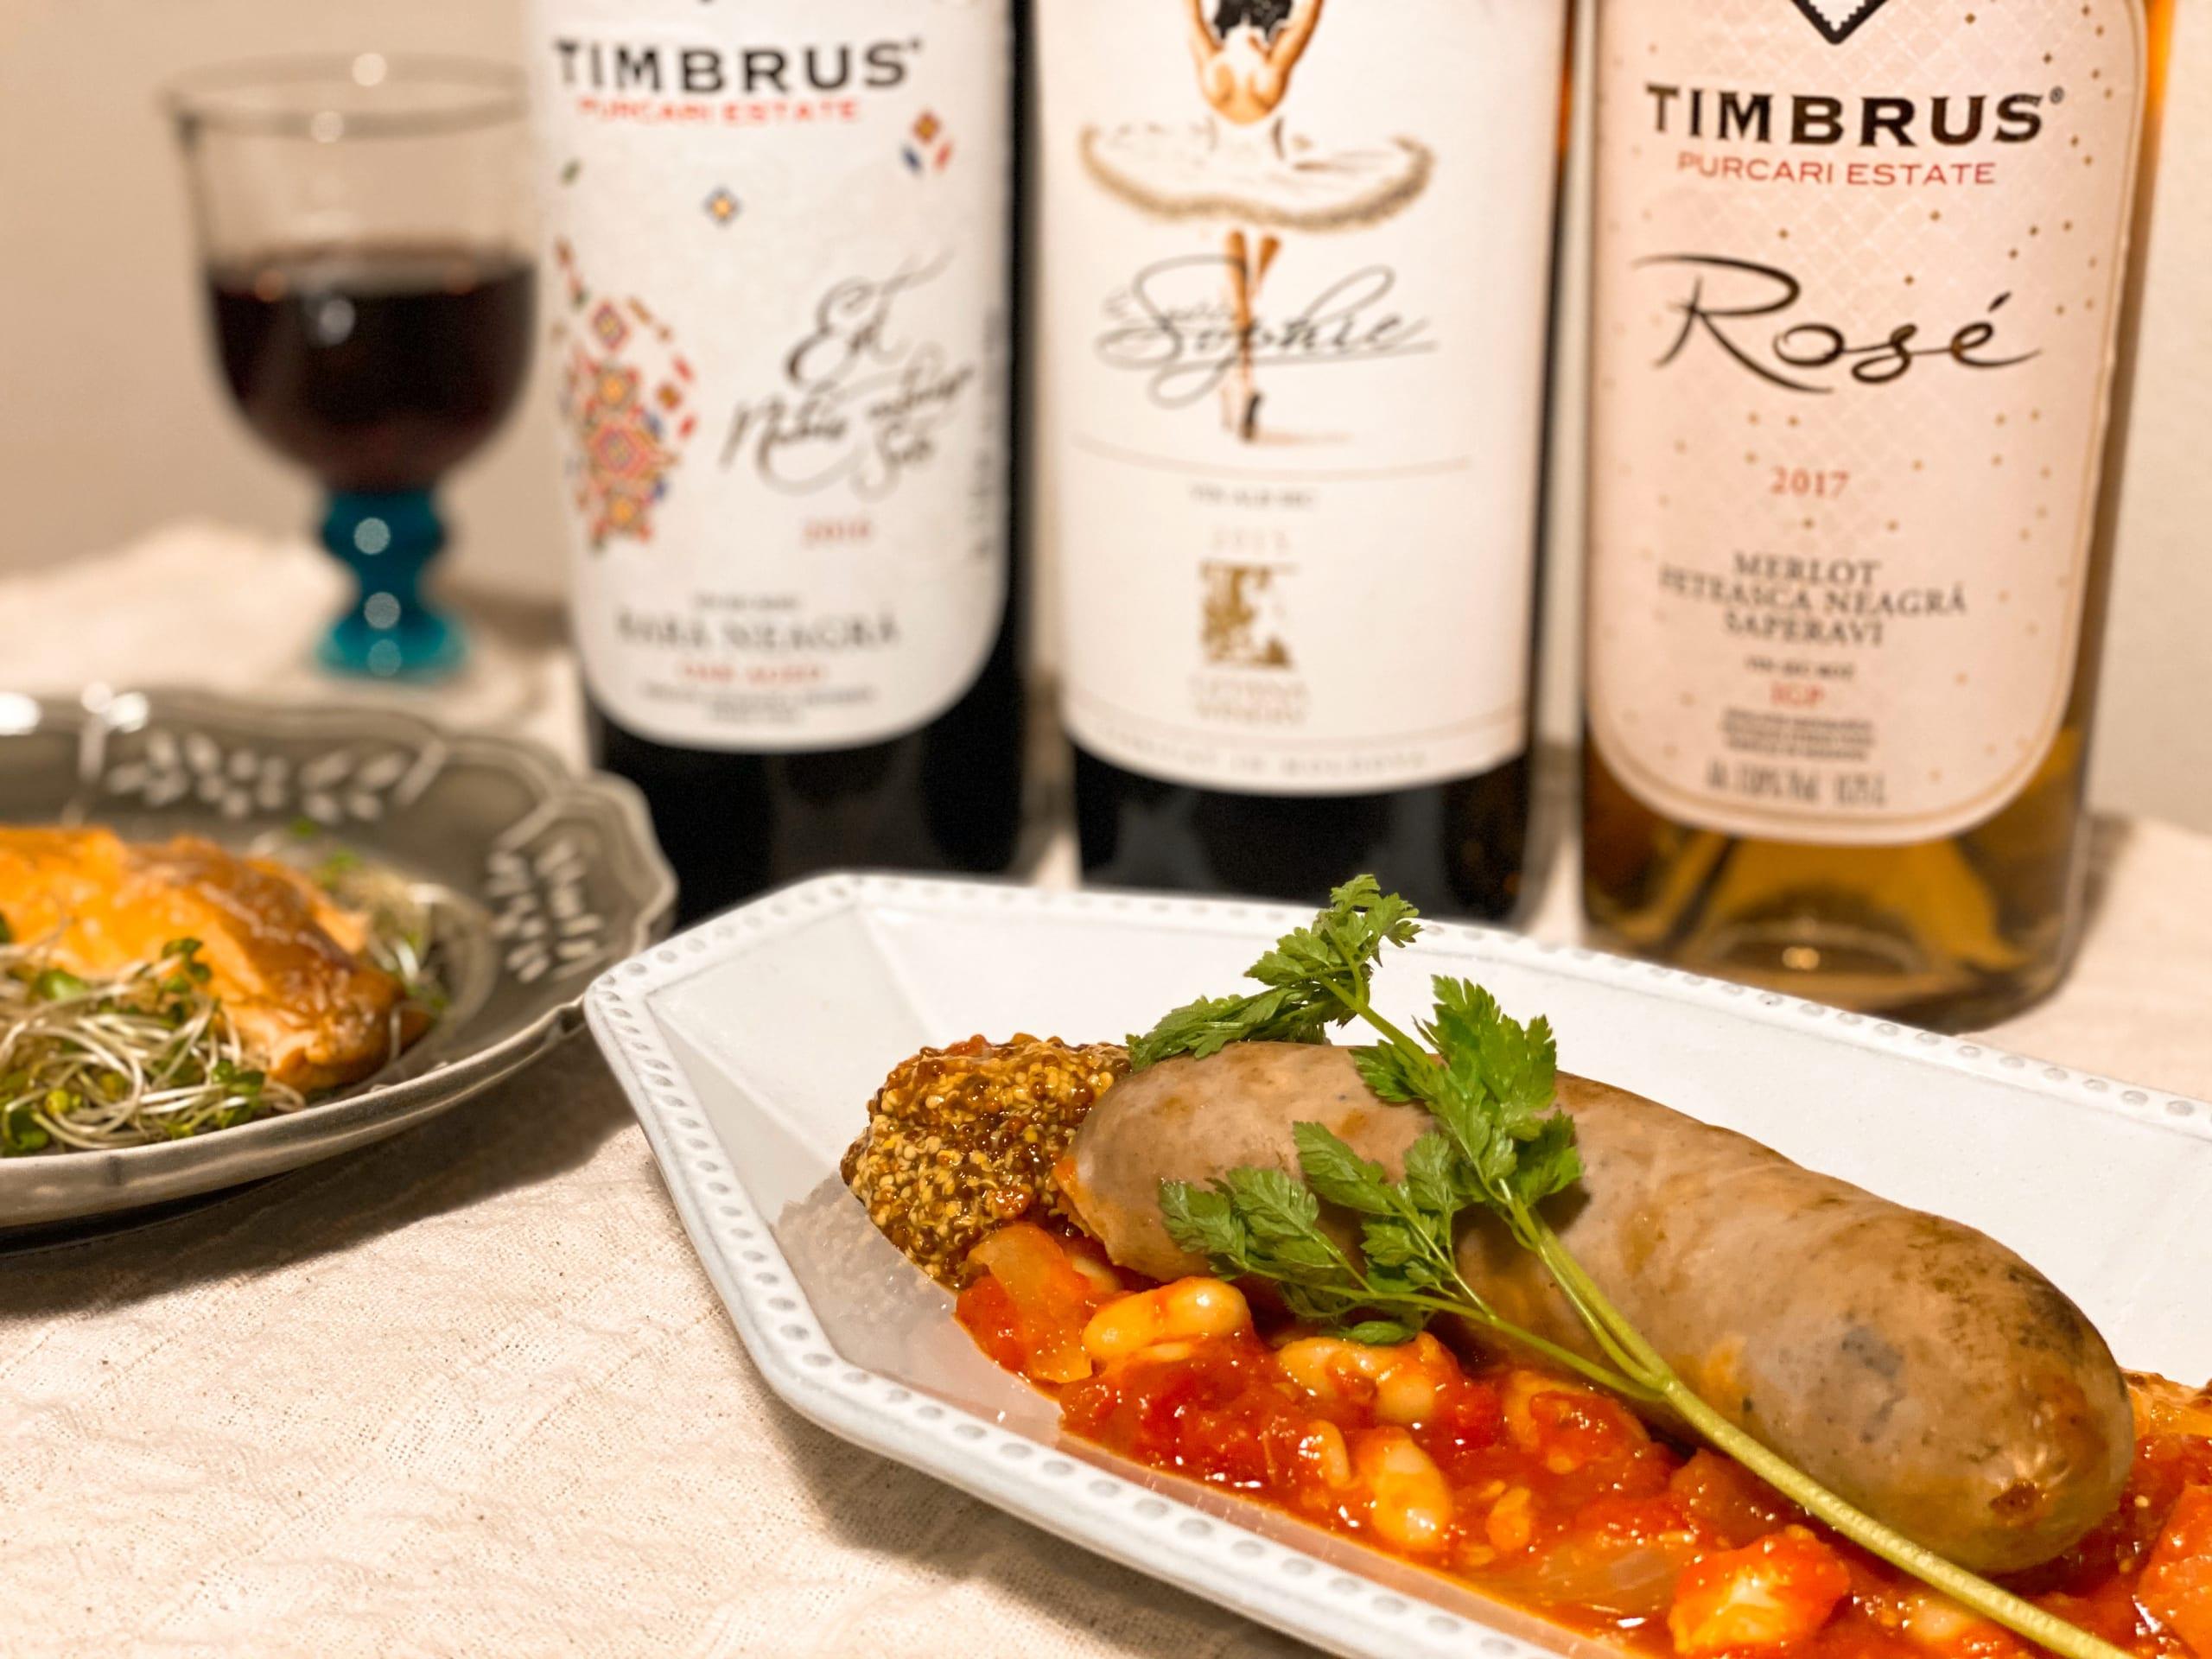 自家製ソーセージと白豆のトマト煮とワインで家飲みを楽しむ